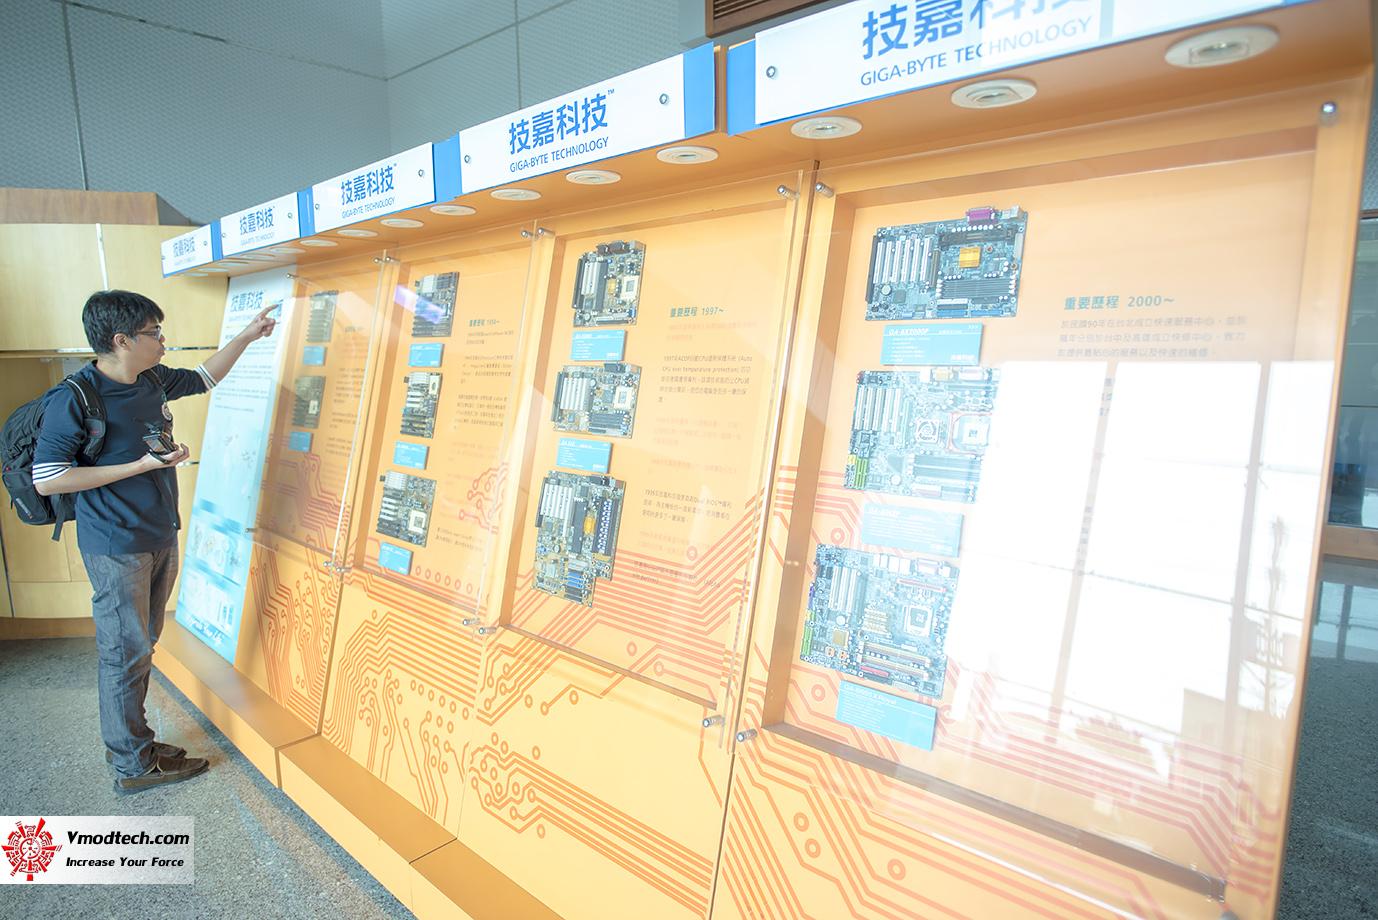 dsc 7272 GIGABYTE Z170 MEDIA TOUR IN TAIPEI